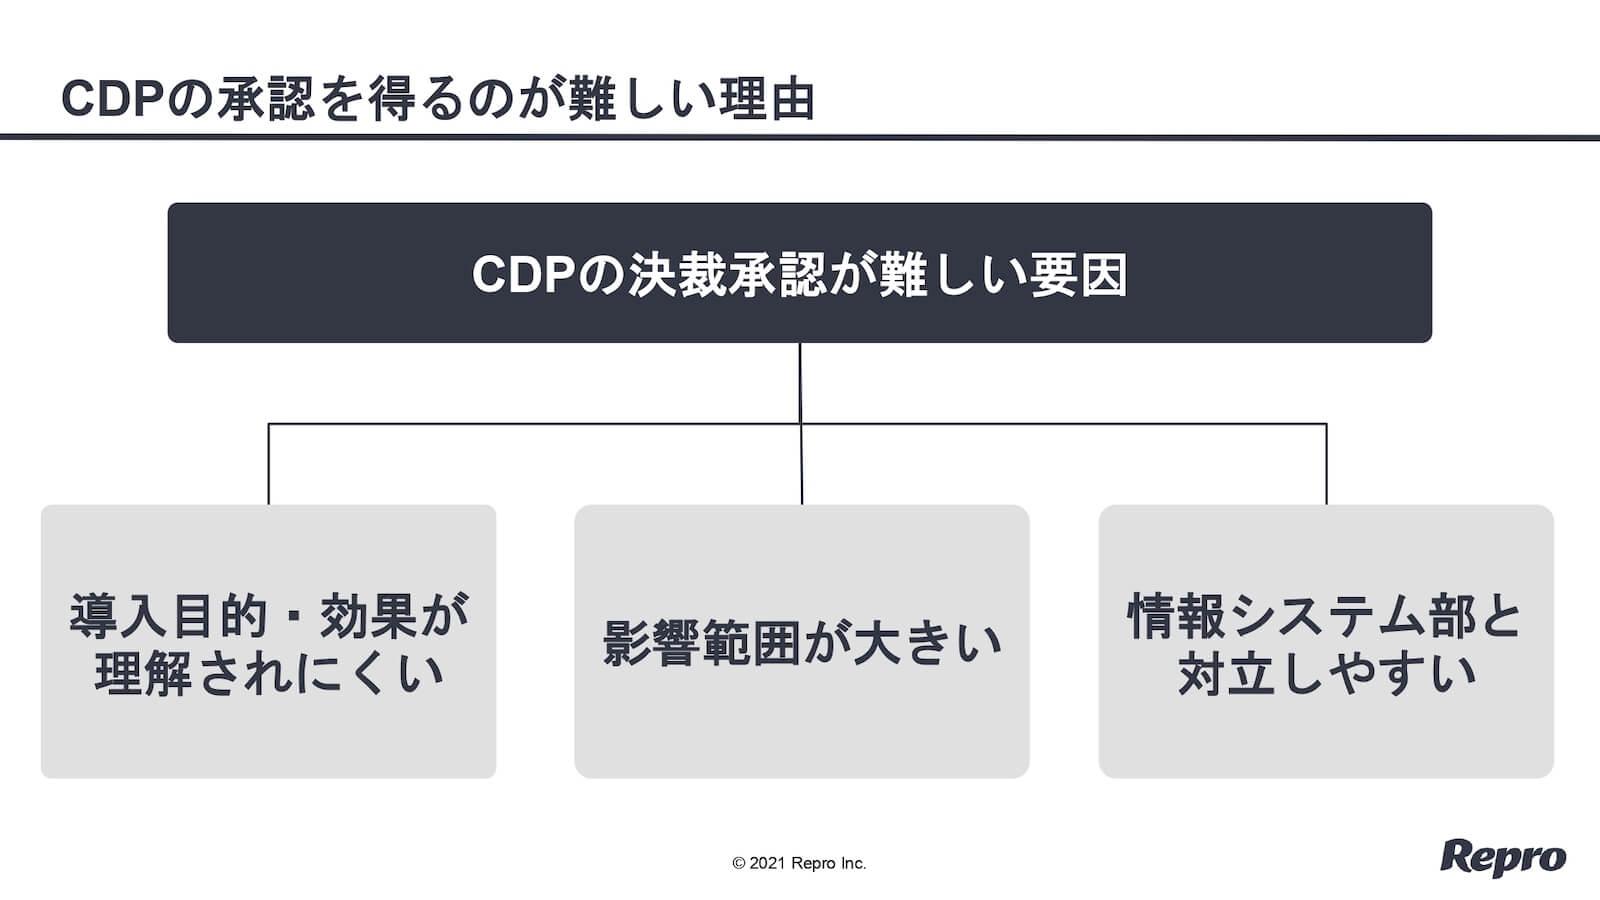 CDPの決裁承認が難しい3つの理由